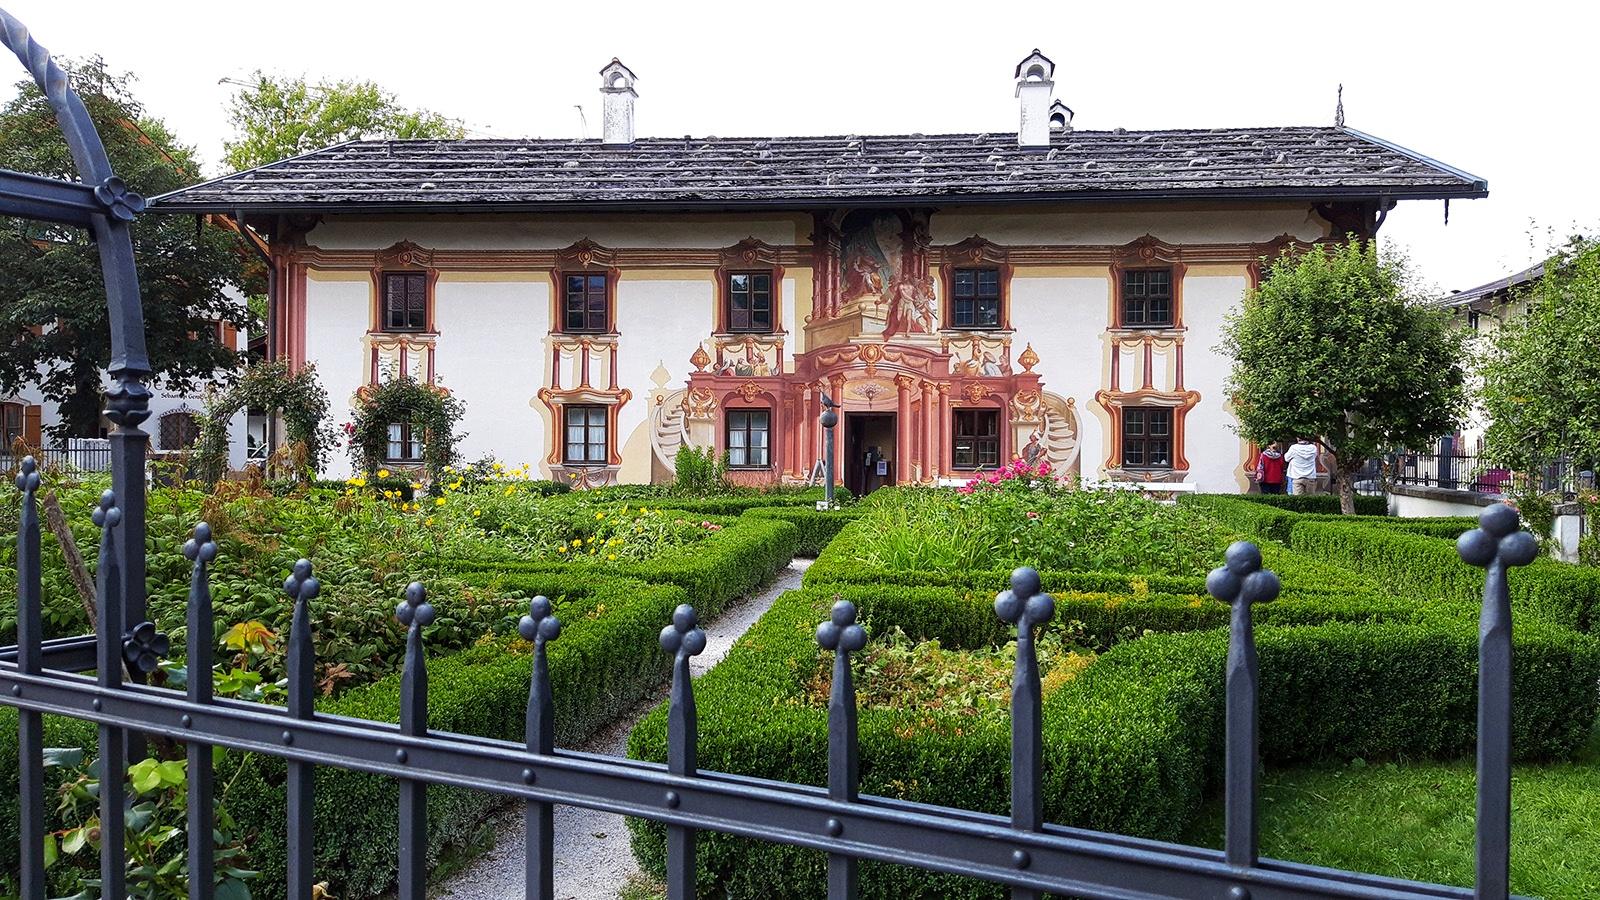 Bemaltes Haus mit Garten in Oberammergau